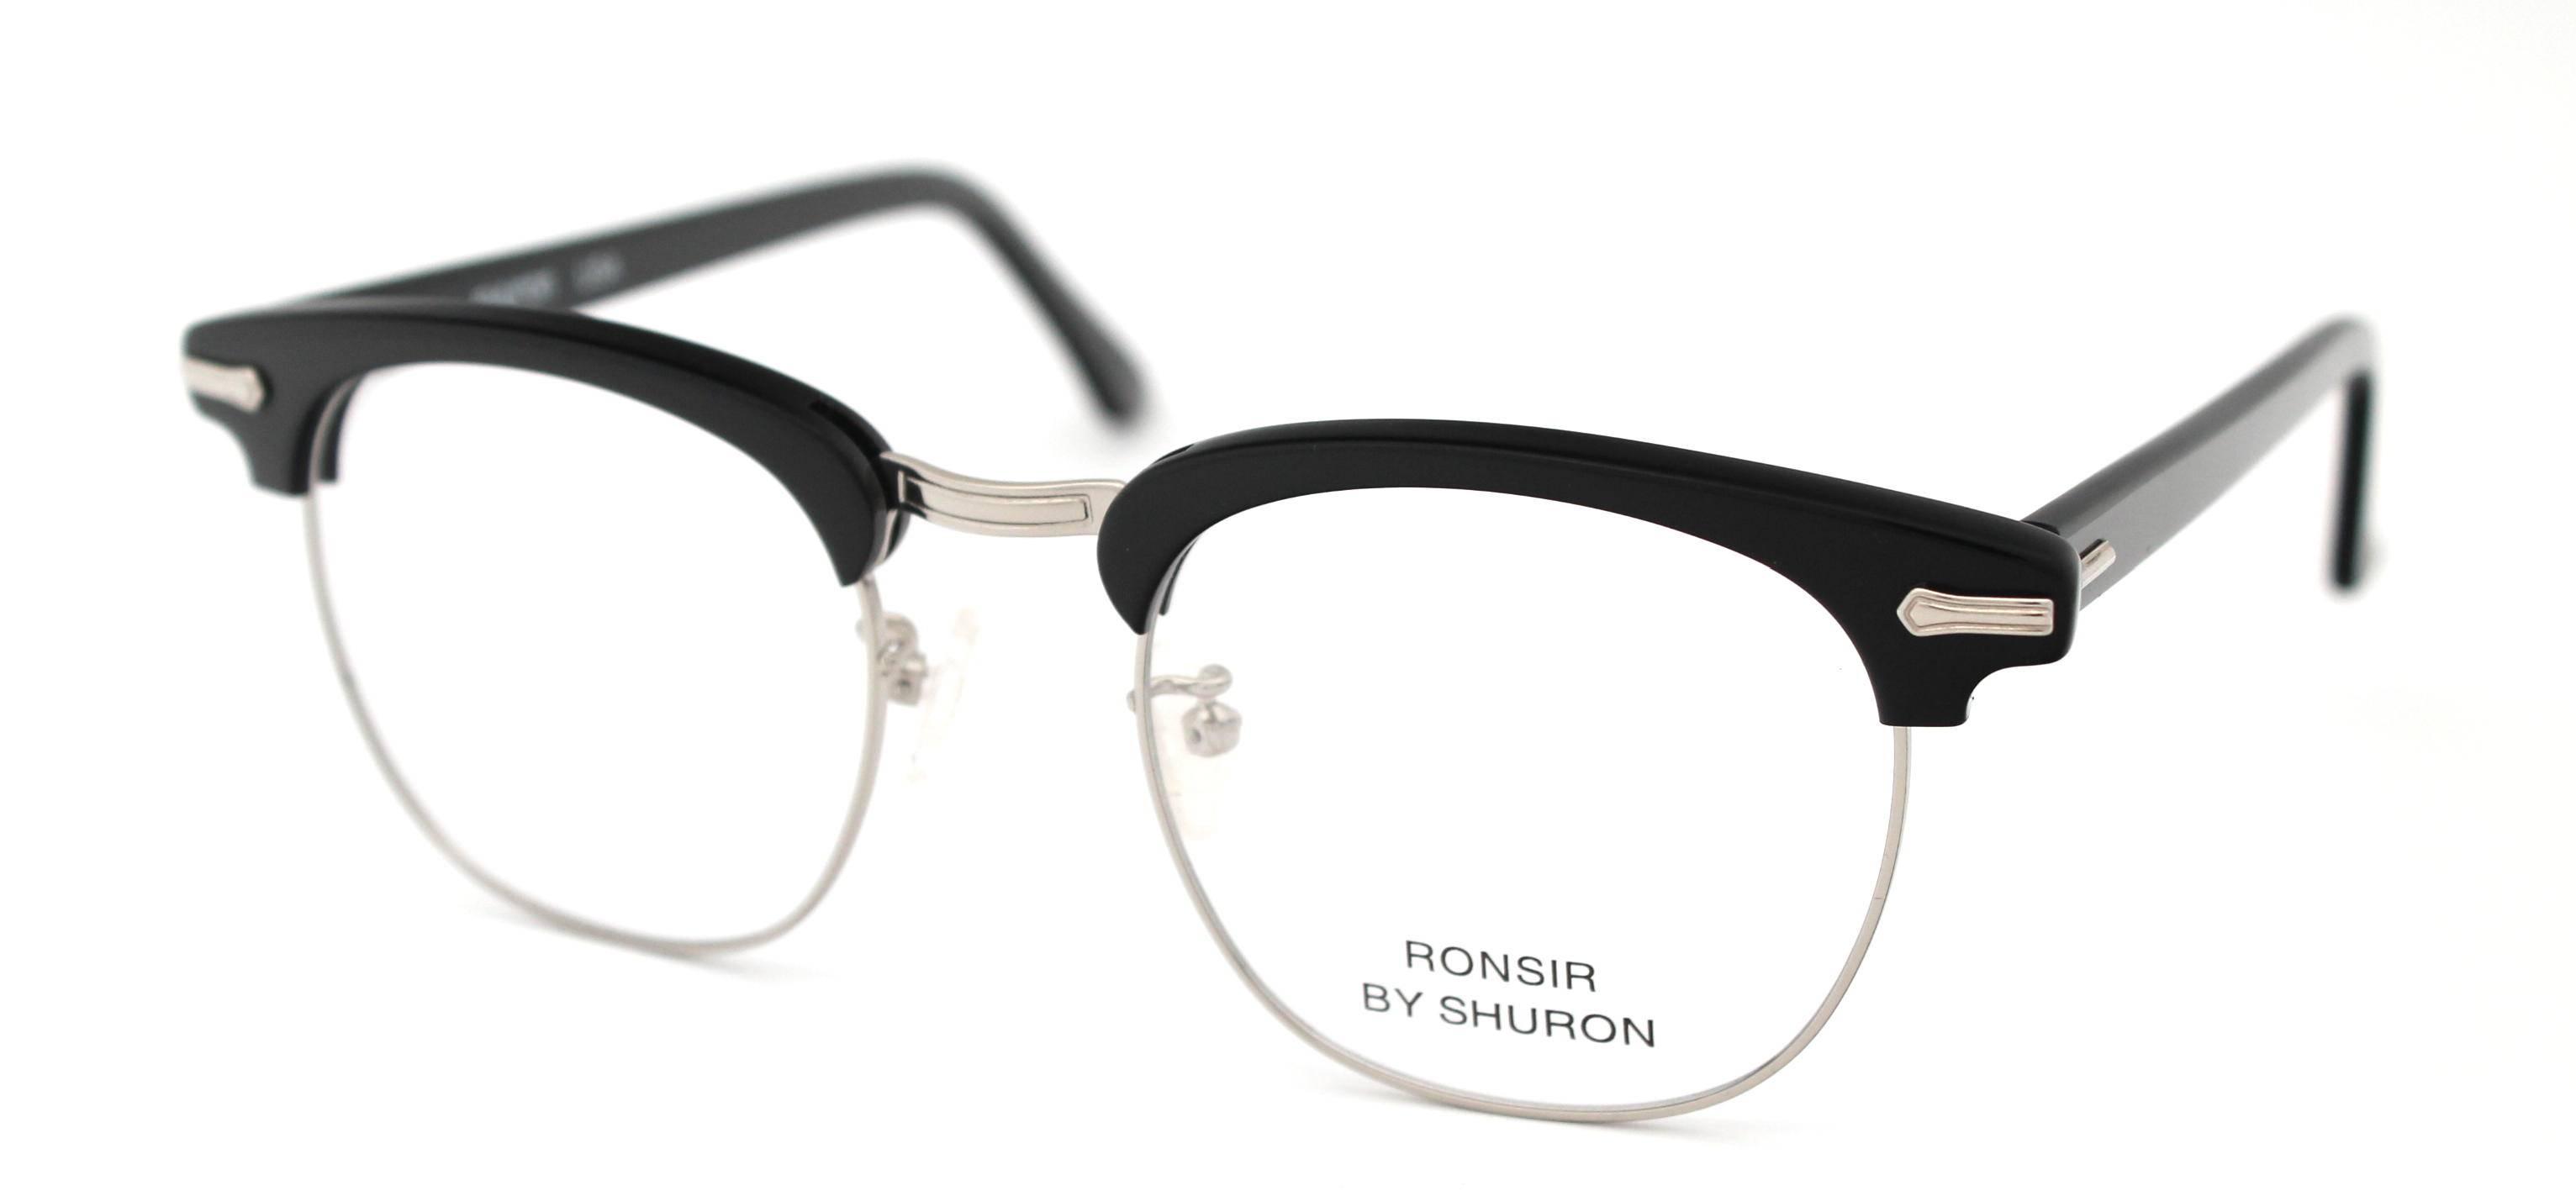 Shuron - Ronsir 48 Black